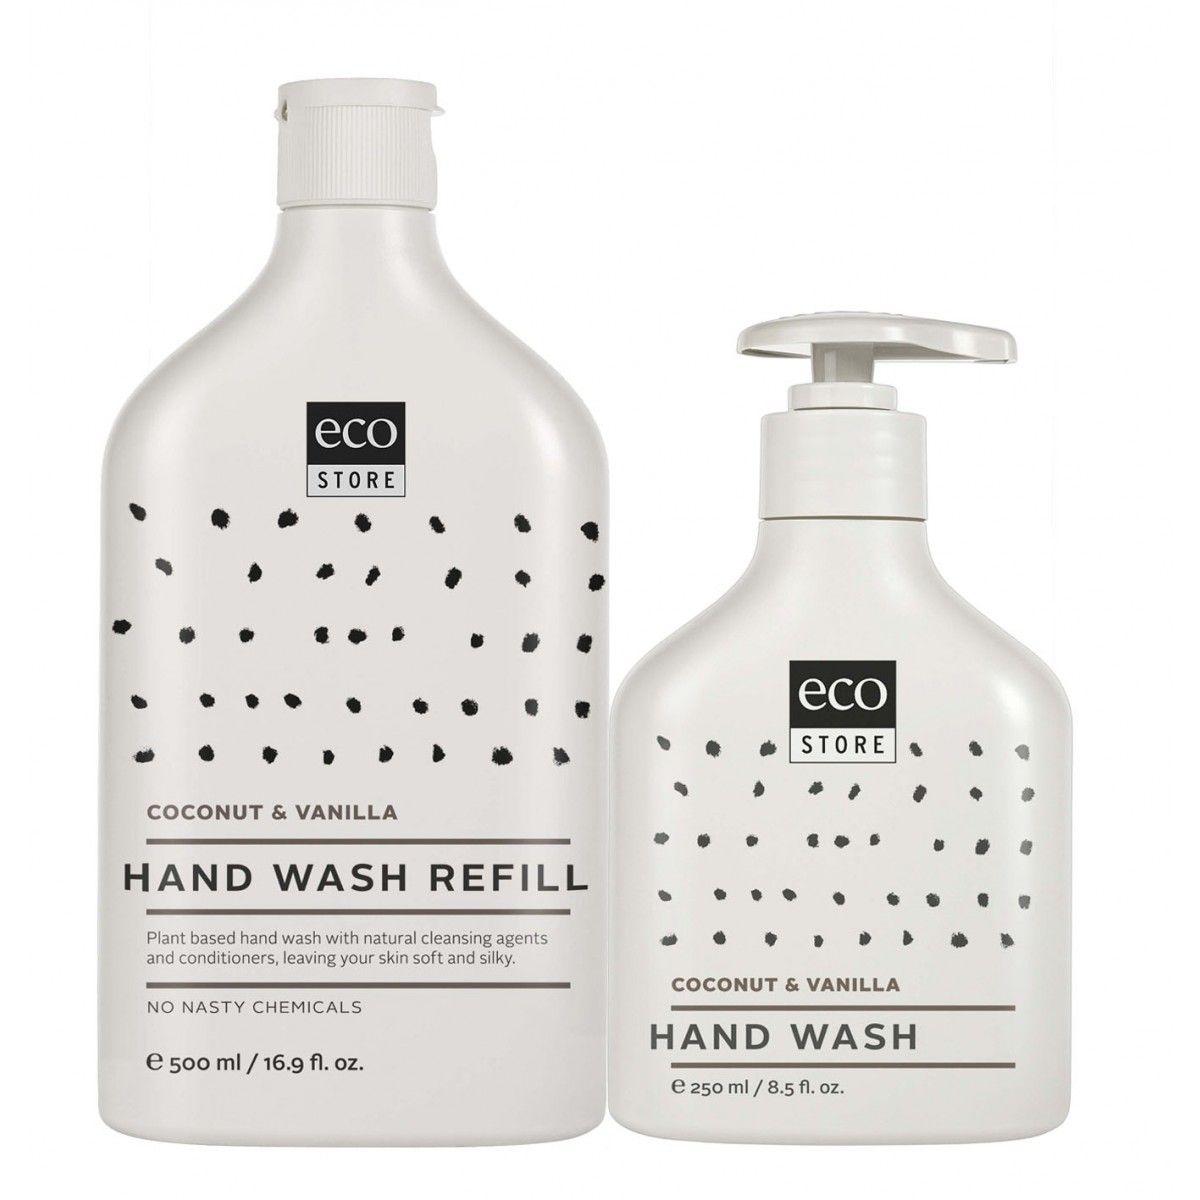 Hand Wash Coconut & Vanilla Coconut, Body care, Plant